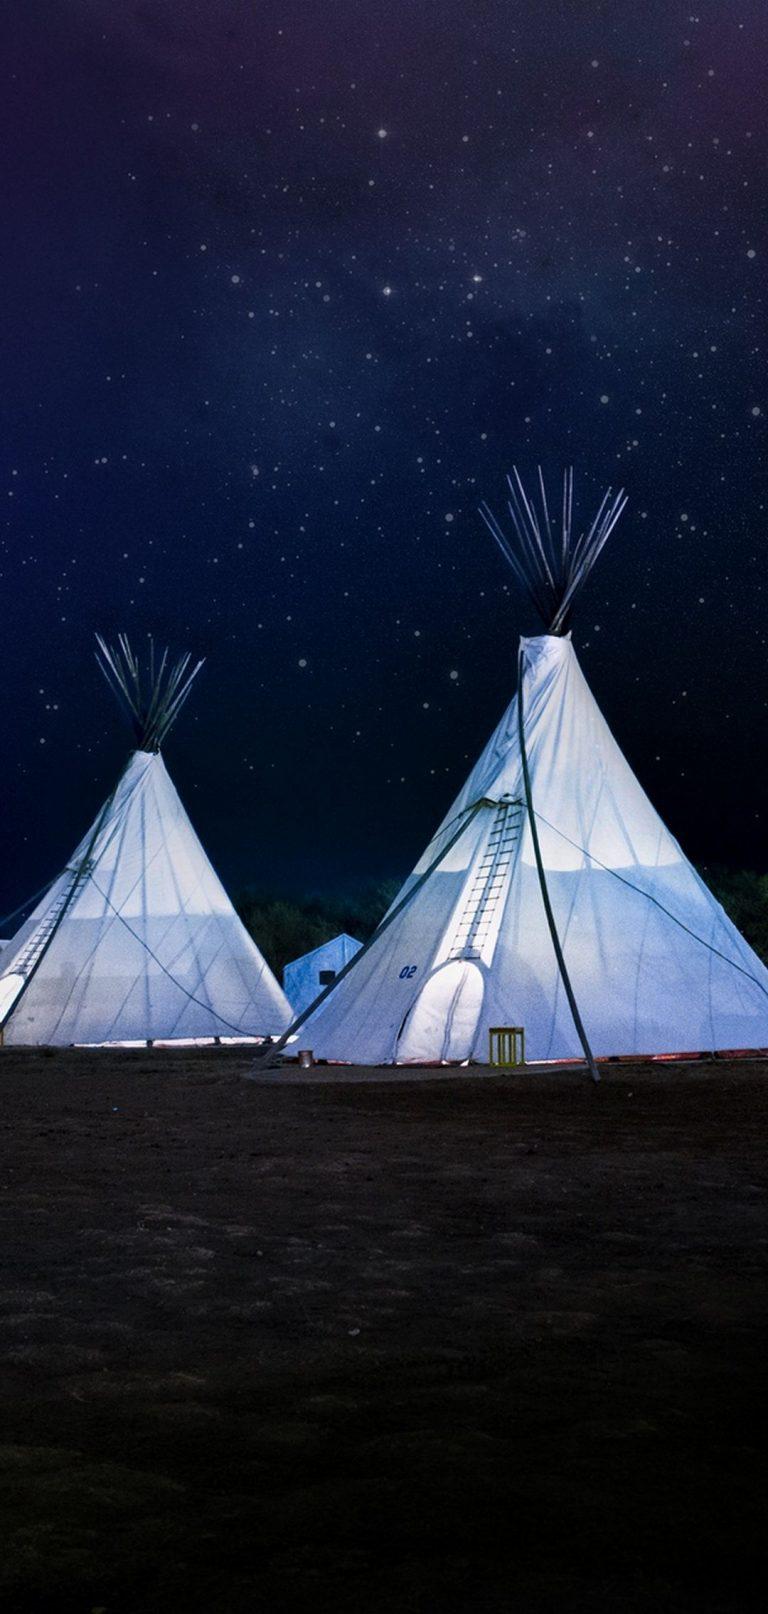 Tents Night Stars 1080x2270 768x1614